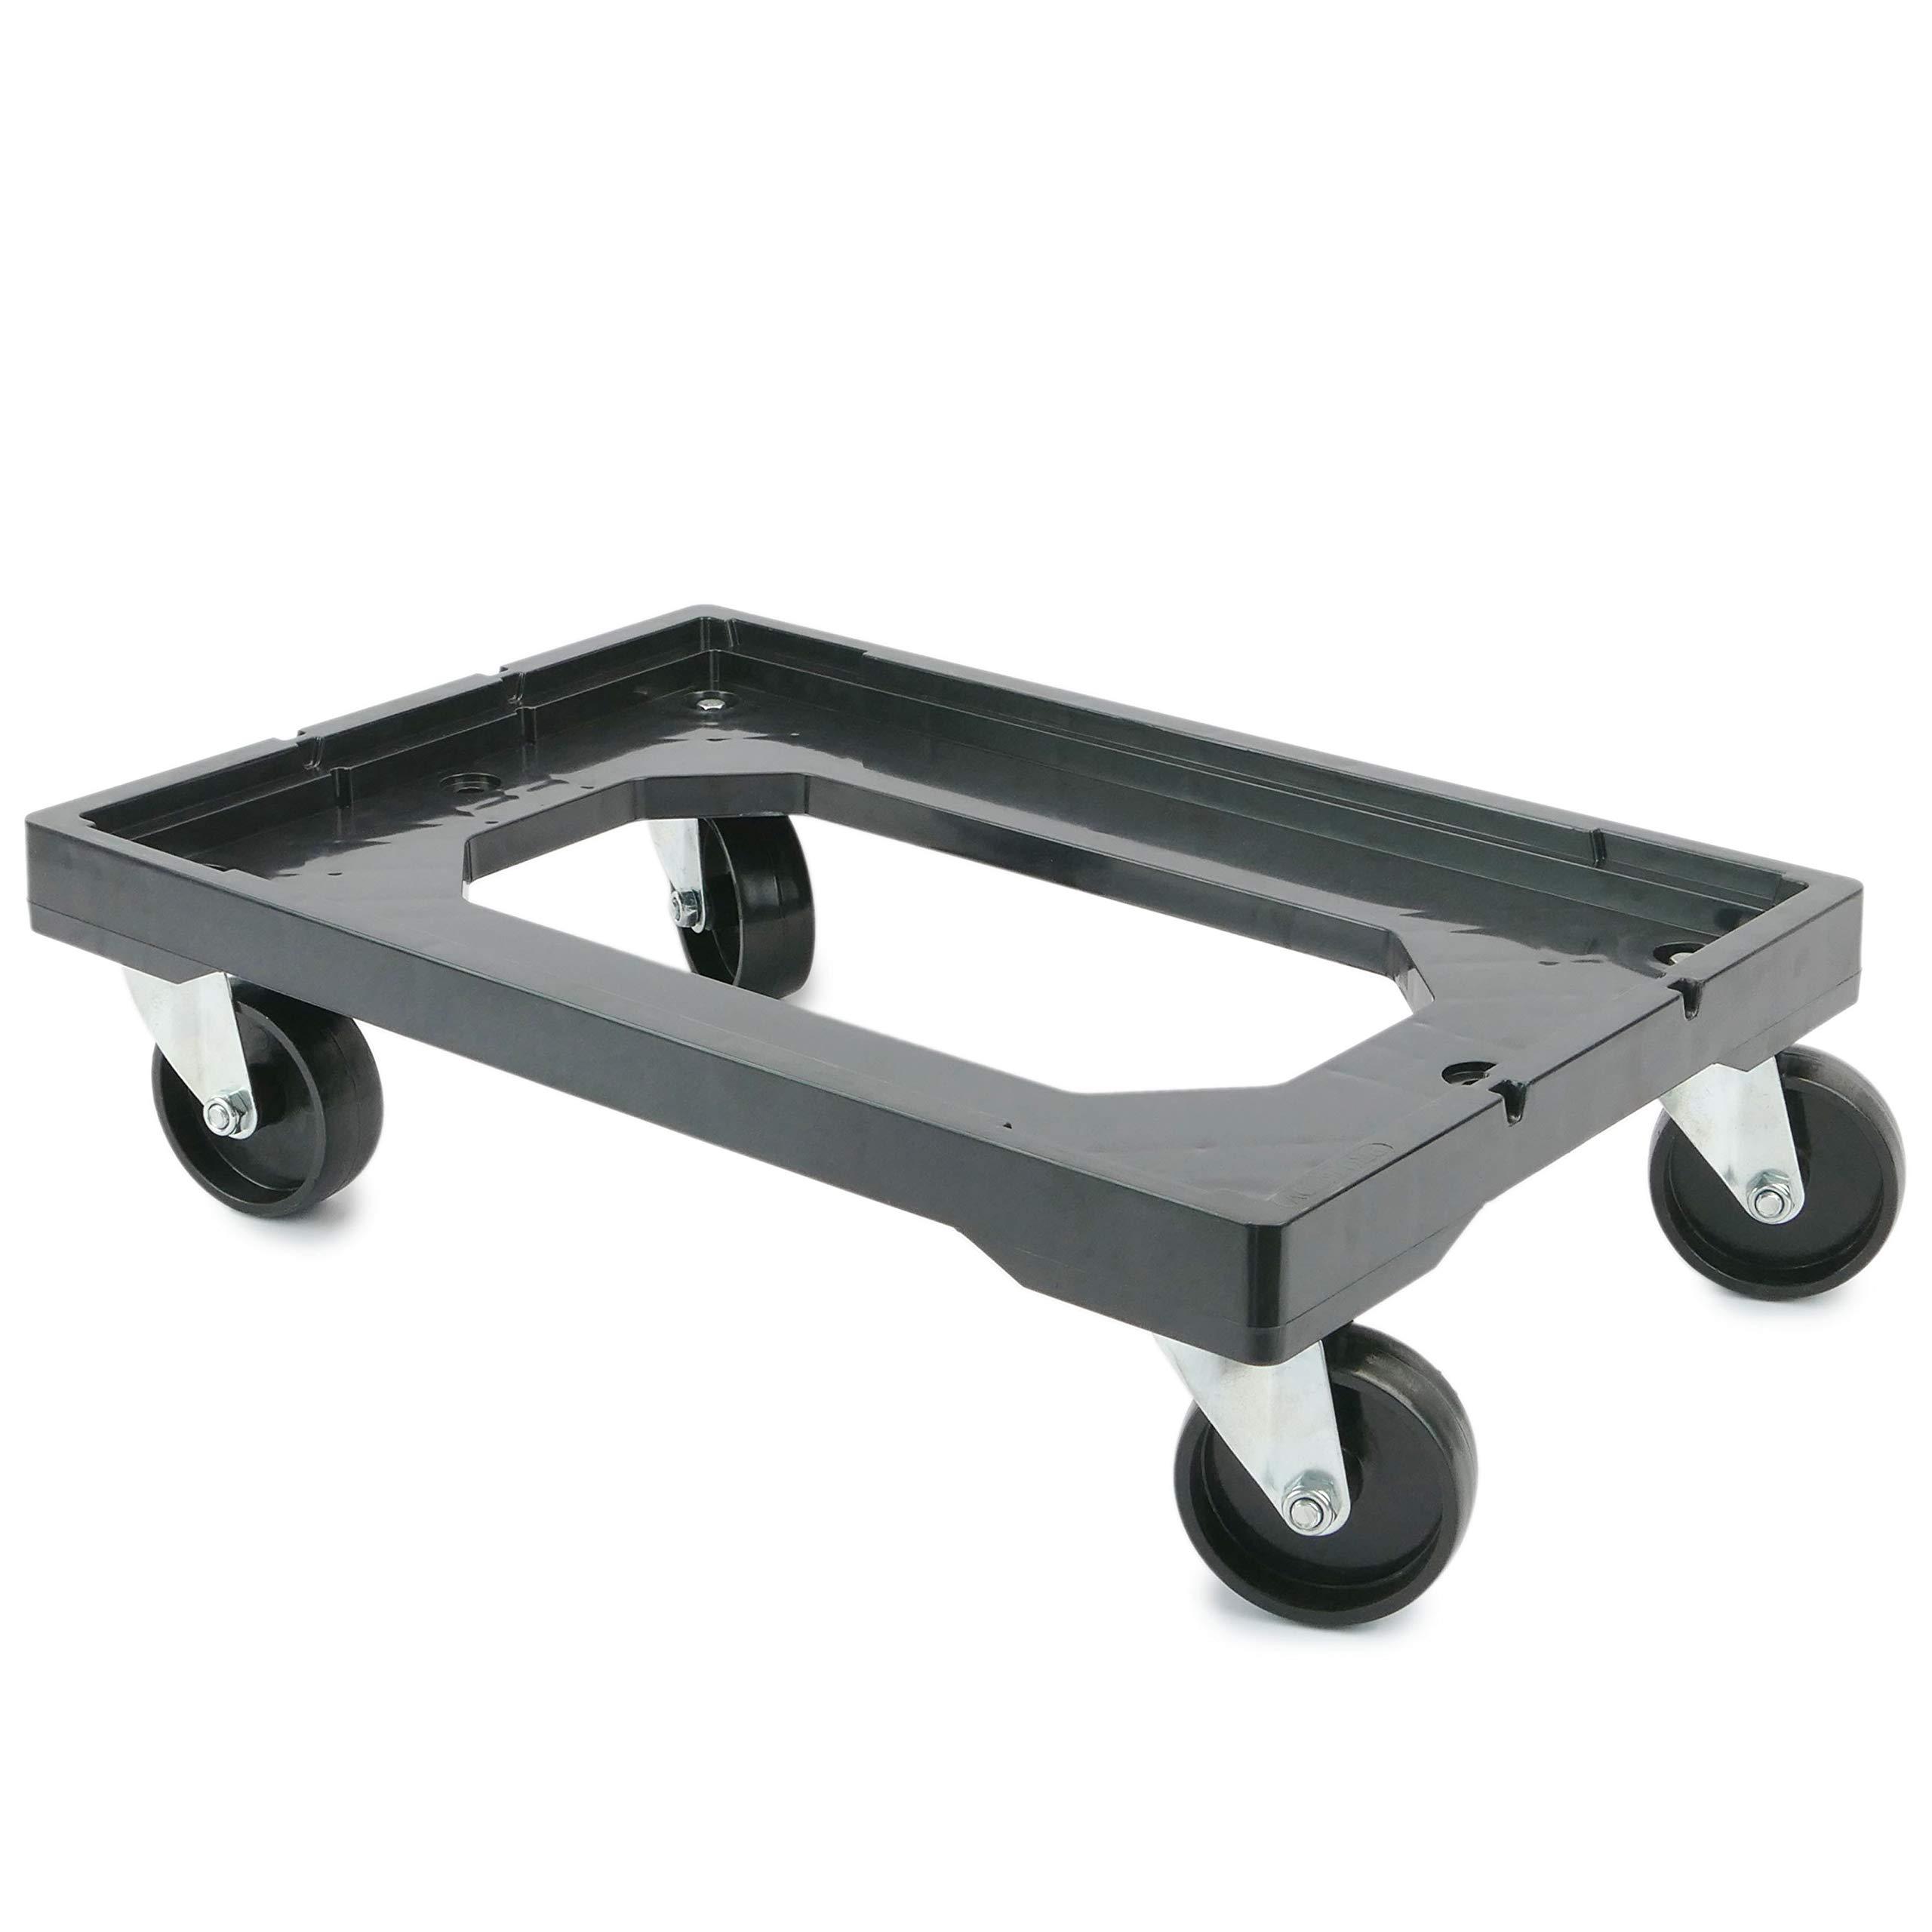 PrimeMatik - Platform with Wheels for Carrying Eurobox Boxes 60 x 40 cm (KA081) by PrimeMatik (Image #1)